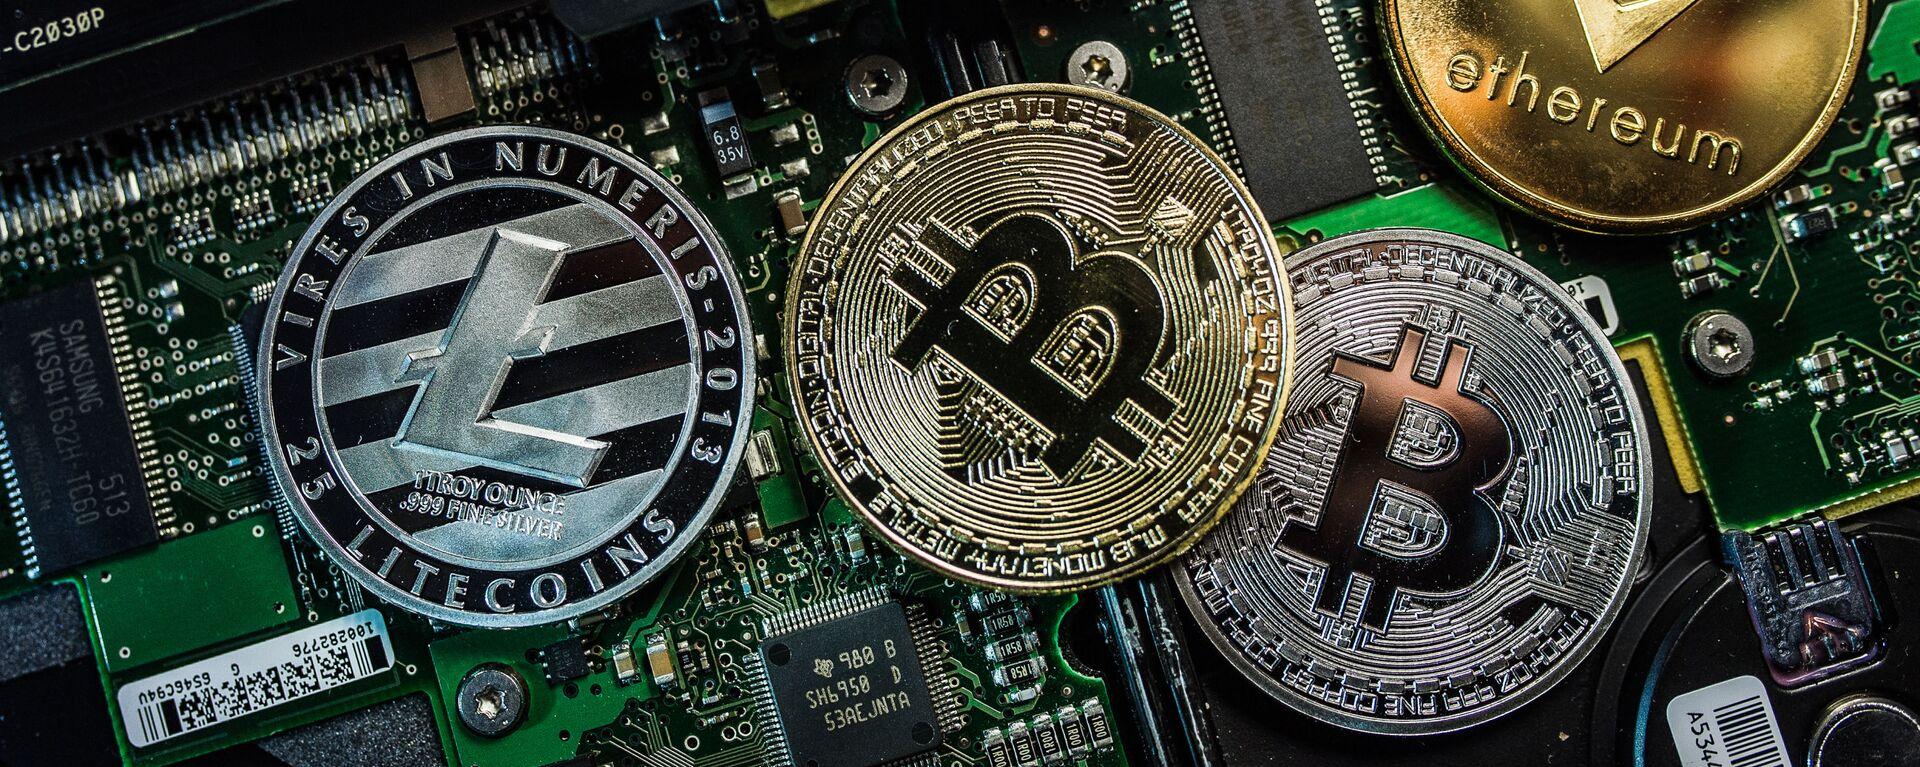 Monety pamiątkowe z logo kryptowalut Bitcoin, Litecoin i Ethereum - Sputnik Polska, 1920, 09.03.2021